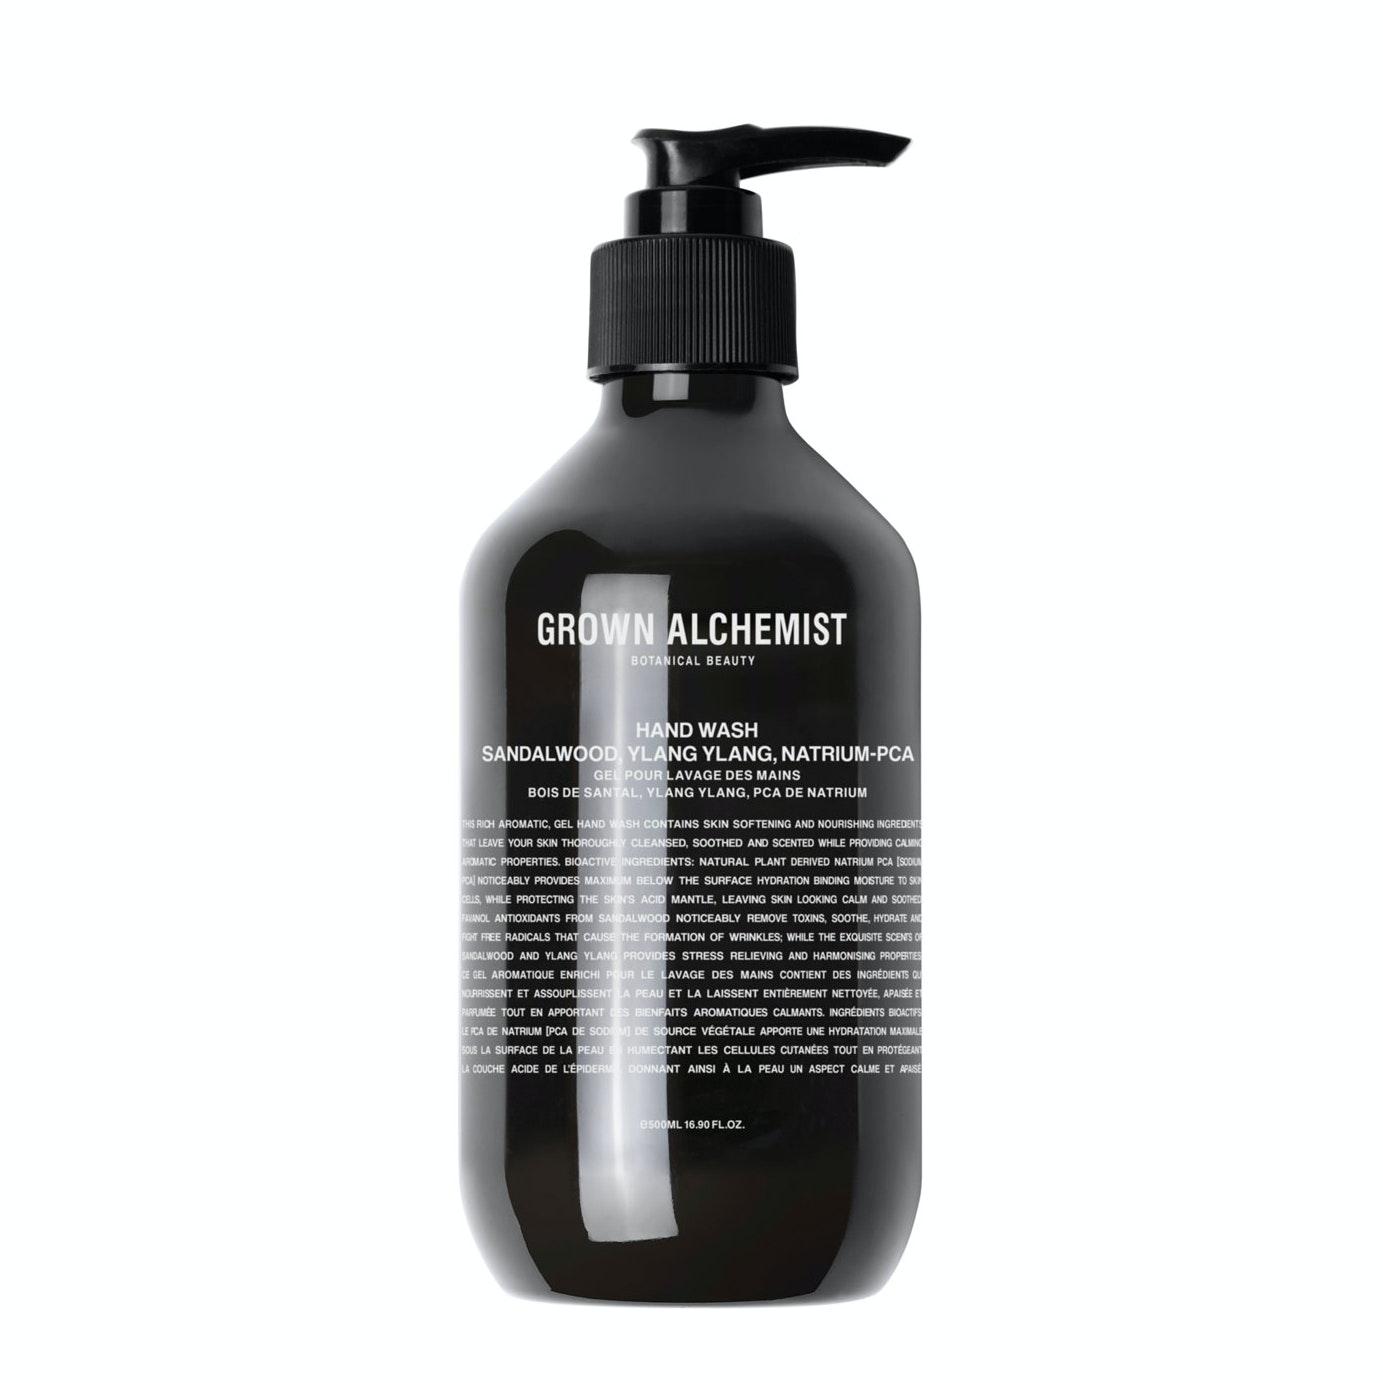 Grown Alchemist® Hand Wash in Sandalwood